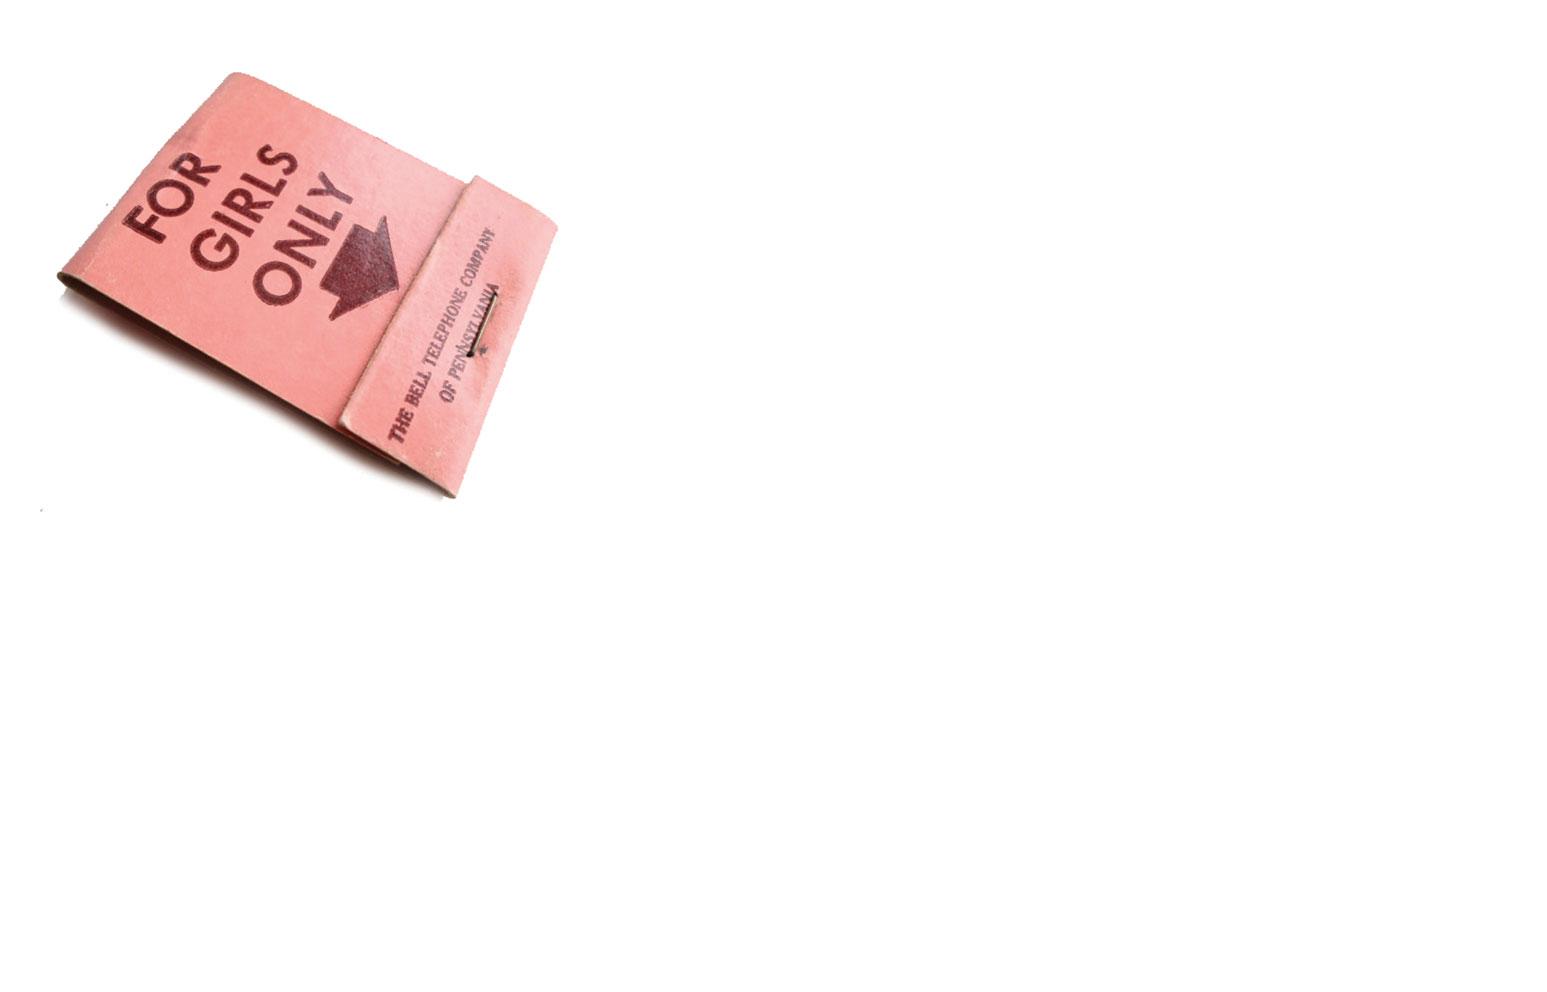 Carte De Visite Salon Beaut Modle Gratuit Personnaliser Mtier La Avec Fond Ticket